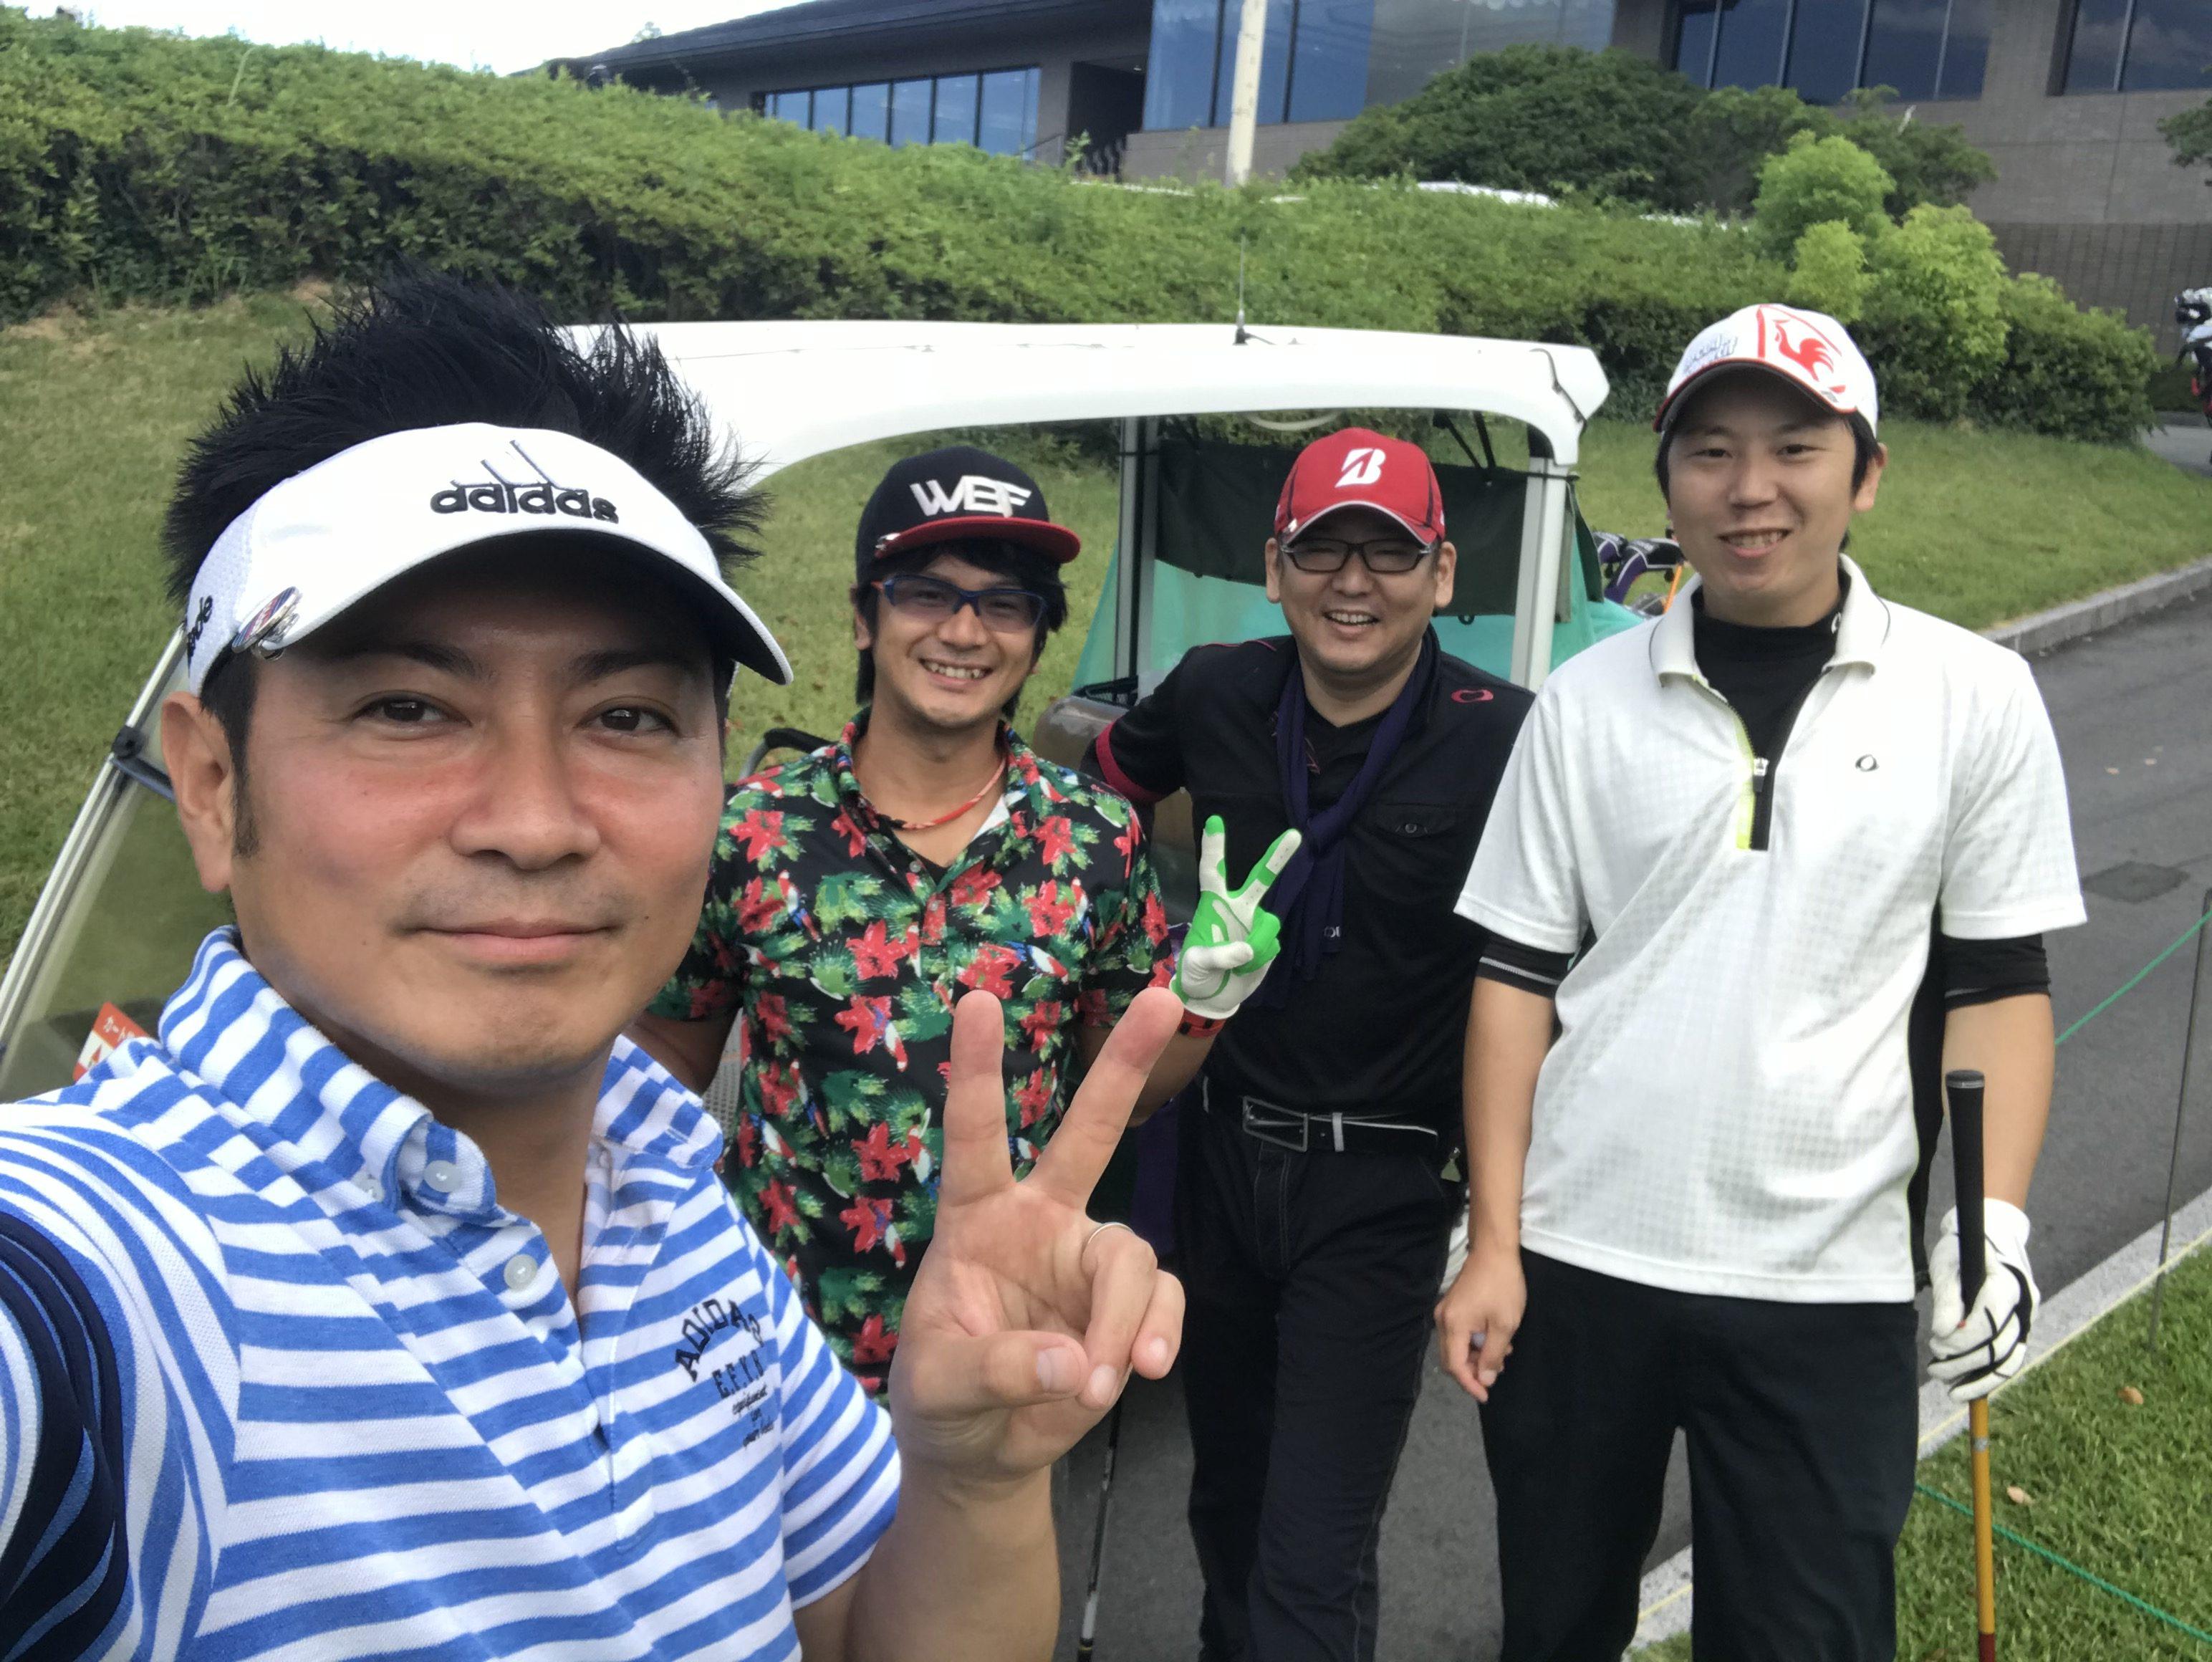 ゴルフコンペ